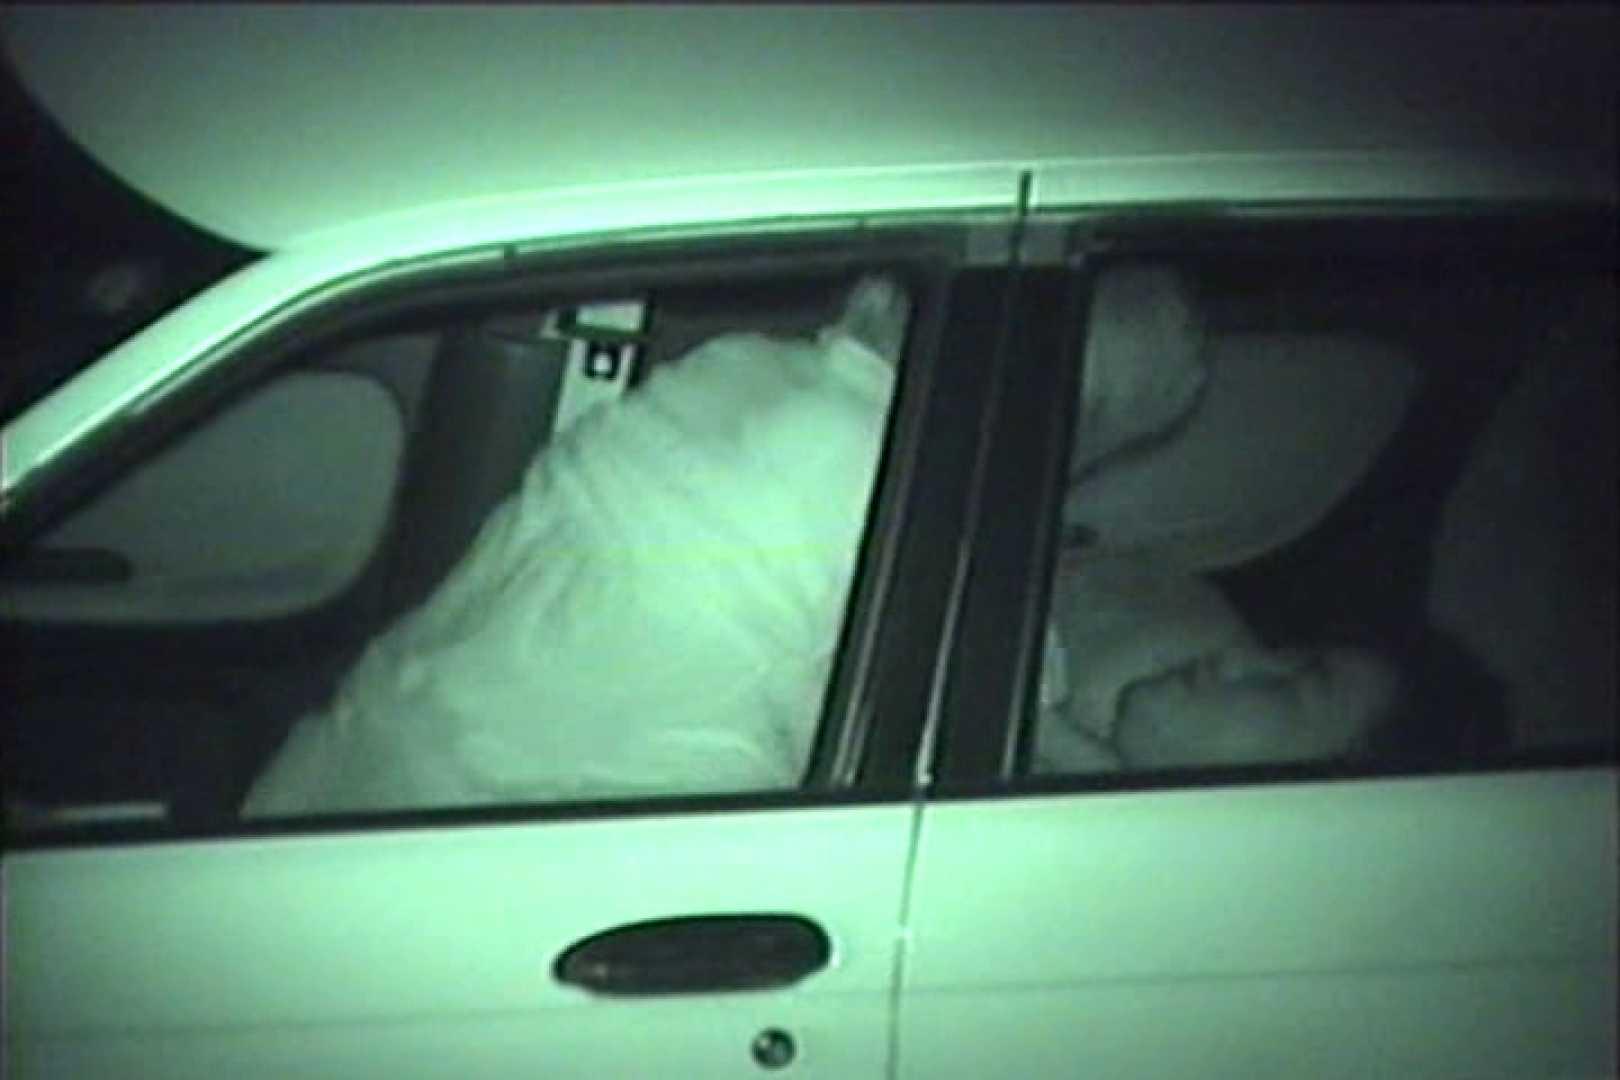 車の中はラブホテル 無修正版  Vol.17 車の中のカップル オマンコ無修正動画無料 97画像 74